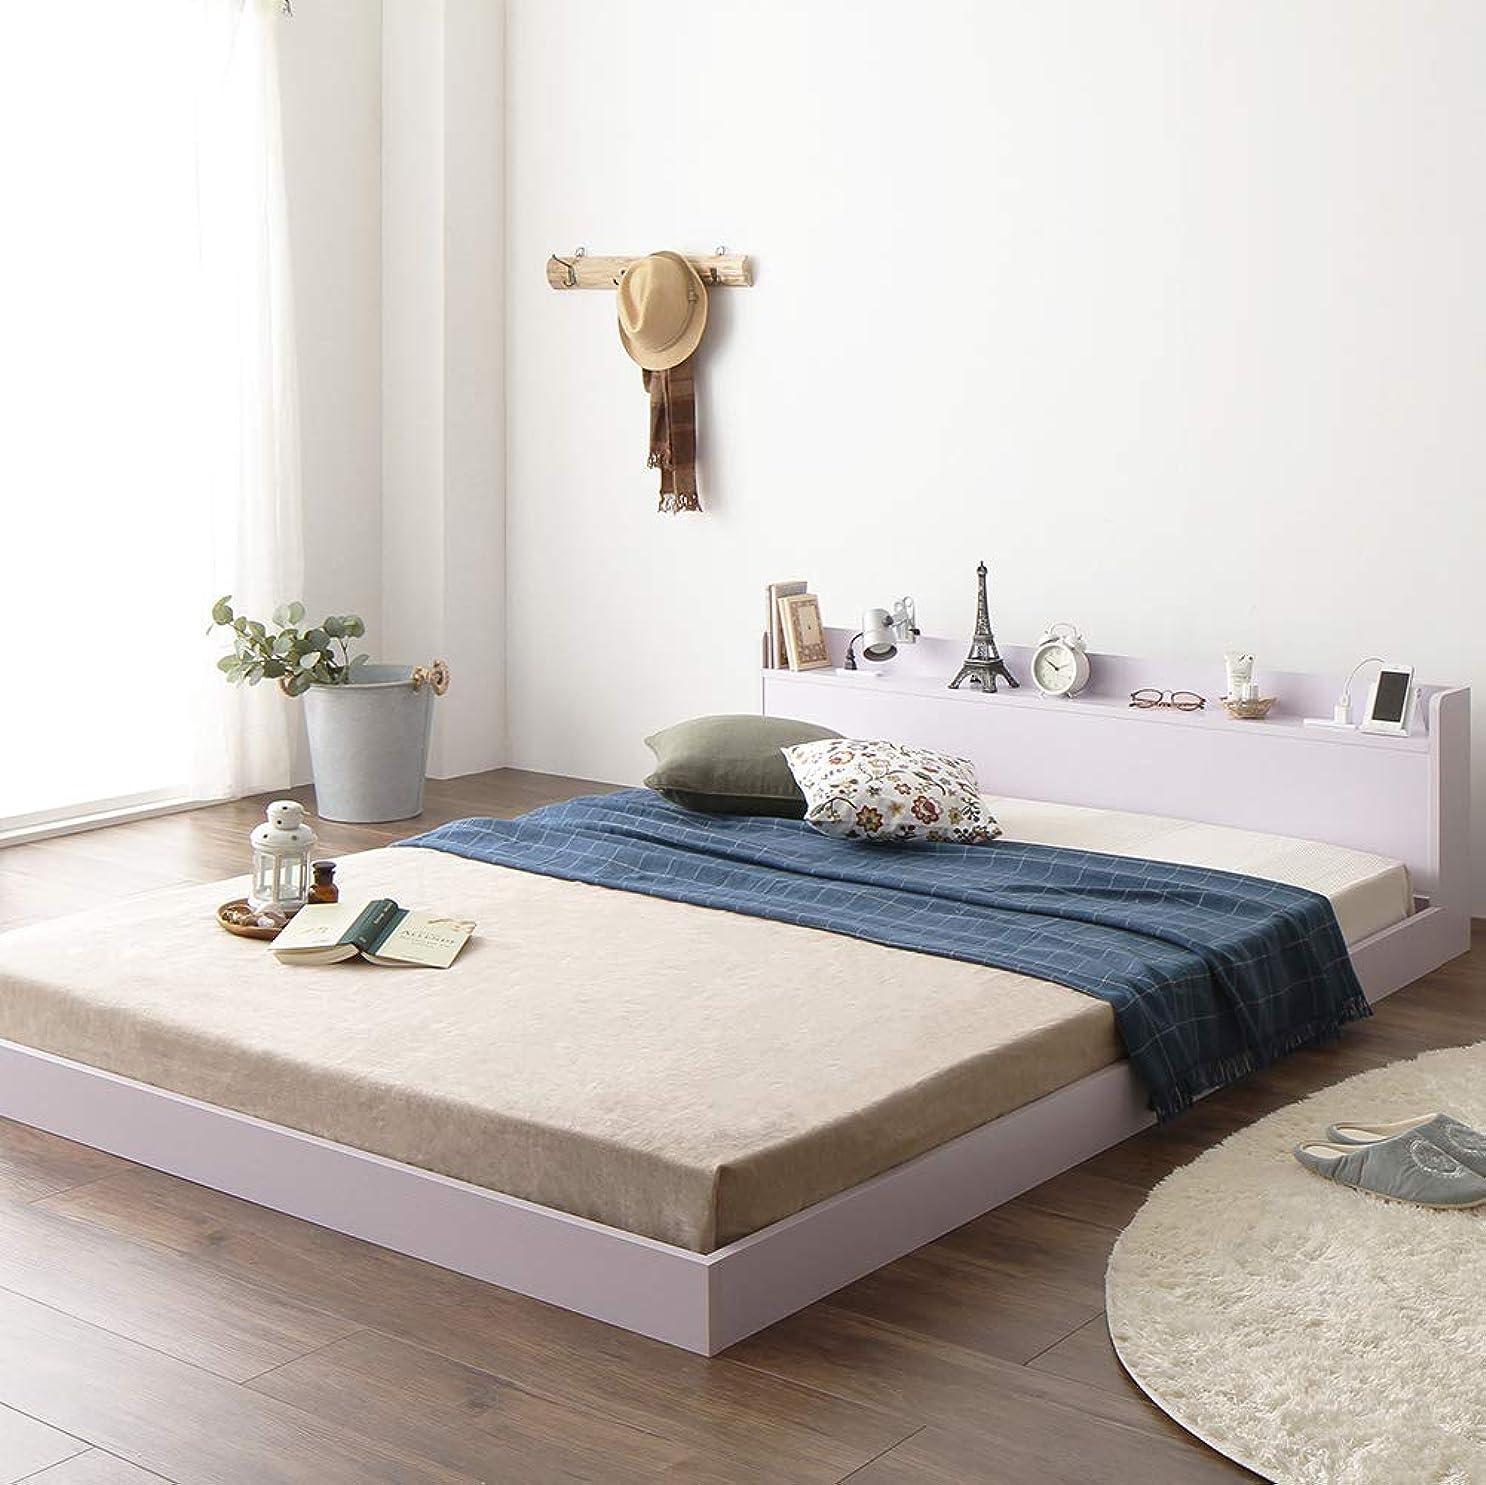 取り出す中止します本当のことを言うとベッド 低床 ロータイプ すのこ 木製 宮付き 棚付き コンセント付き シンプル モダン ホワイト セミダブル ボンネルコイルマットレス付き